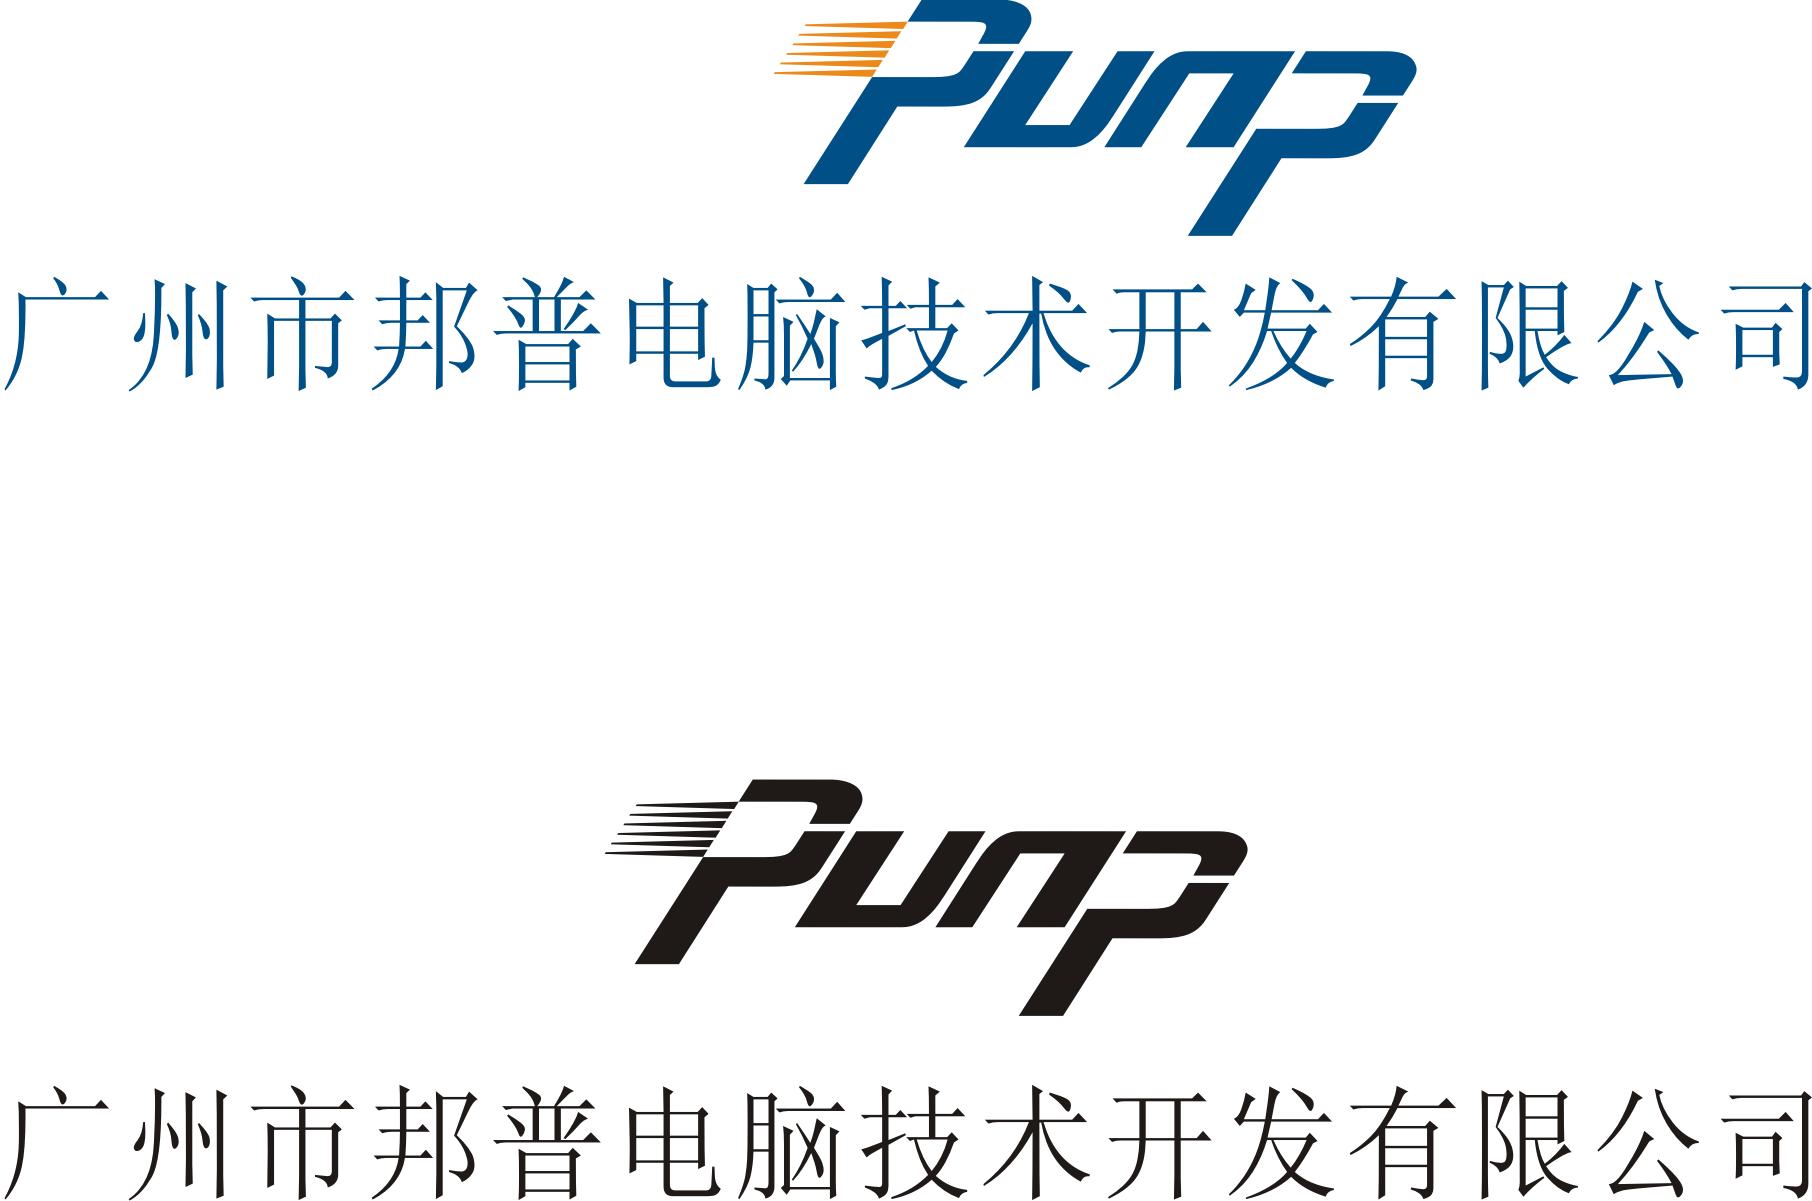 廣州市邦普電腦技術開發有限公司宣講會